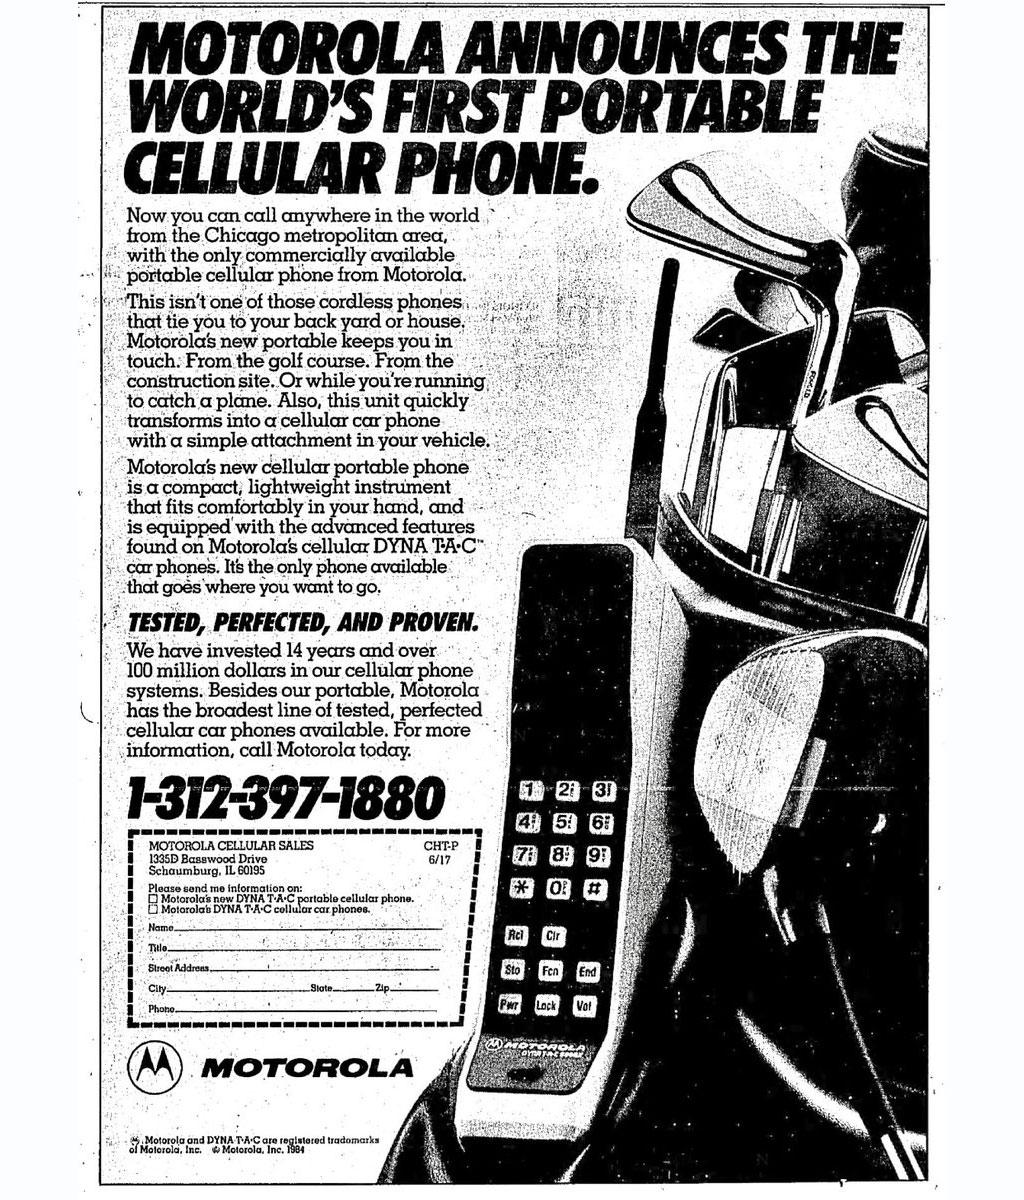 Una pubblicità dell'epoca che annunciava il lancio del primo telefono cellulare portatile al mondo